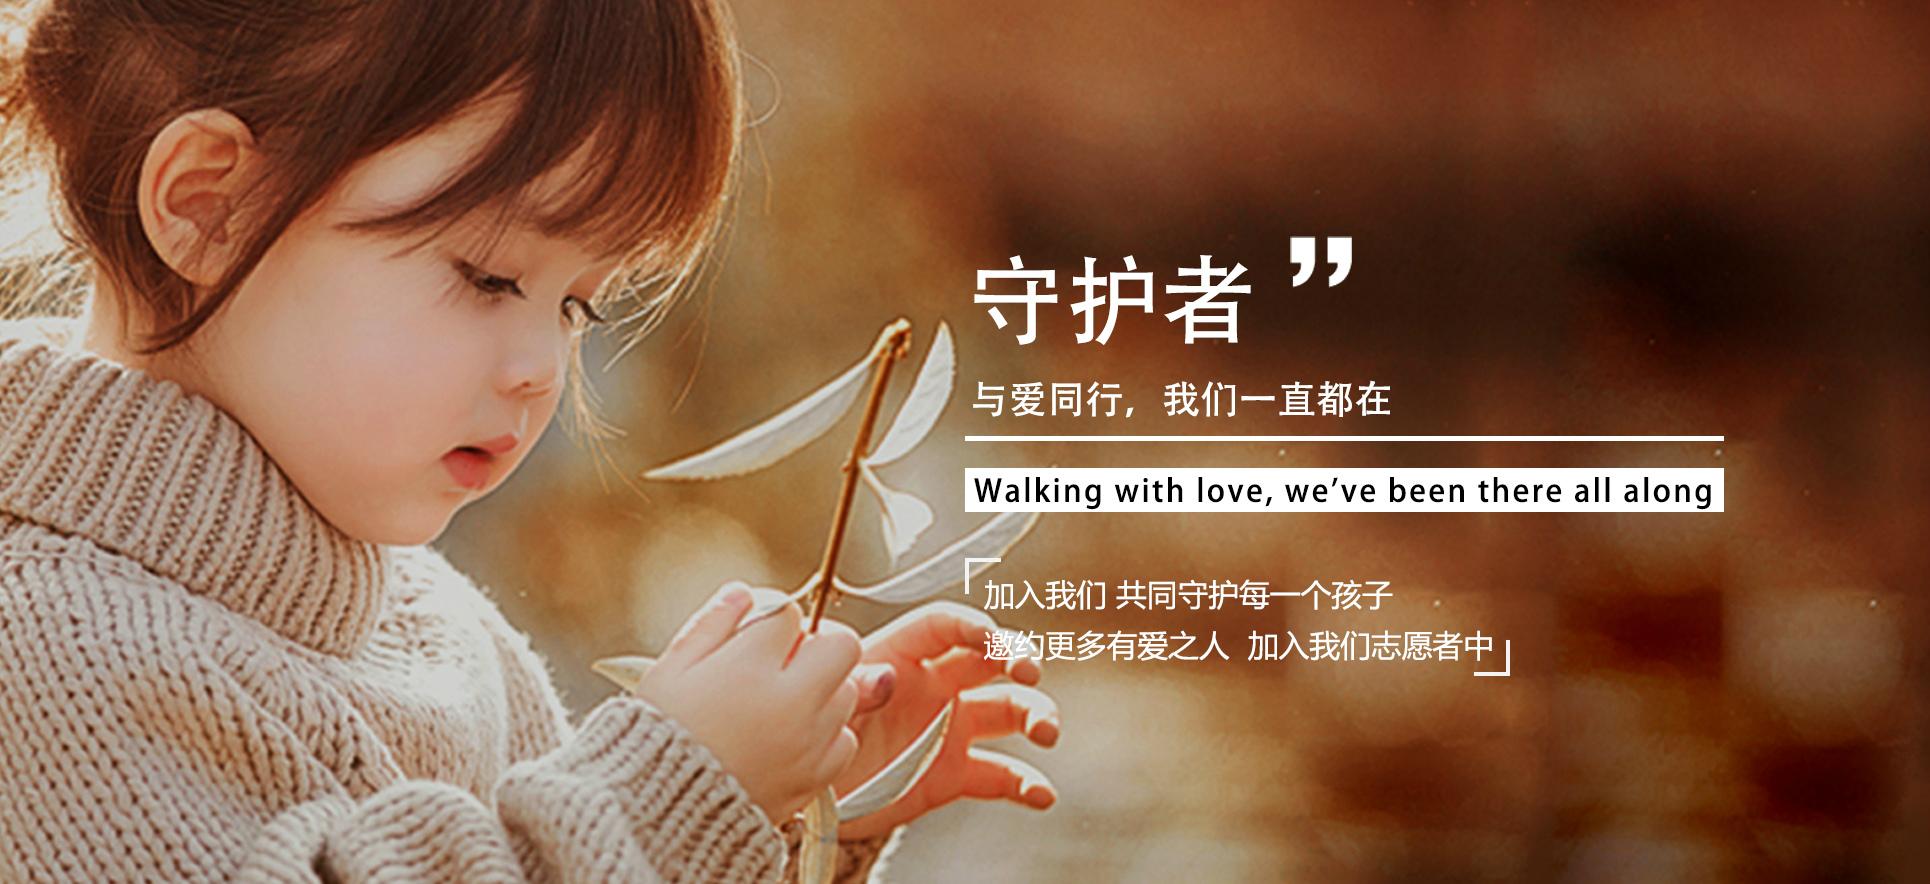 中国儿童防走失平台